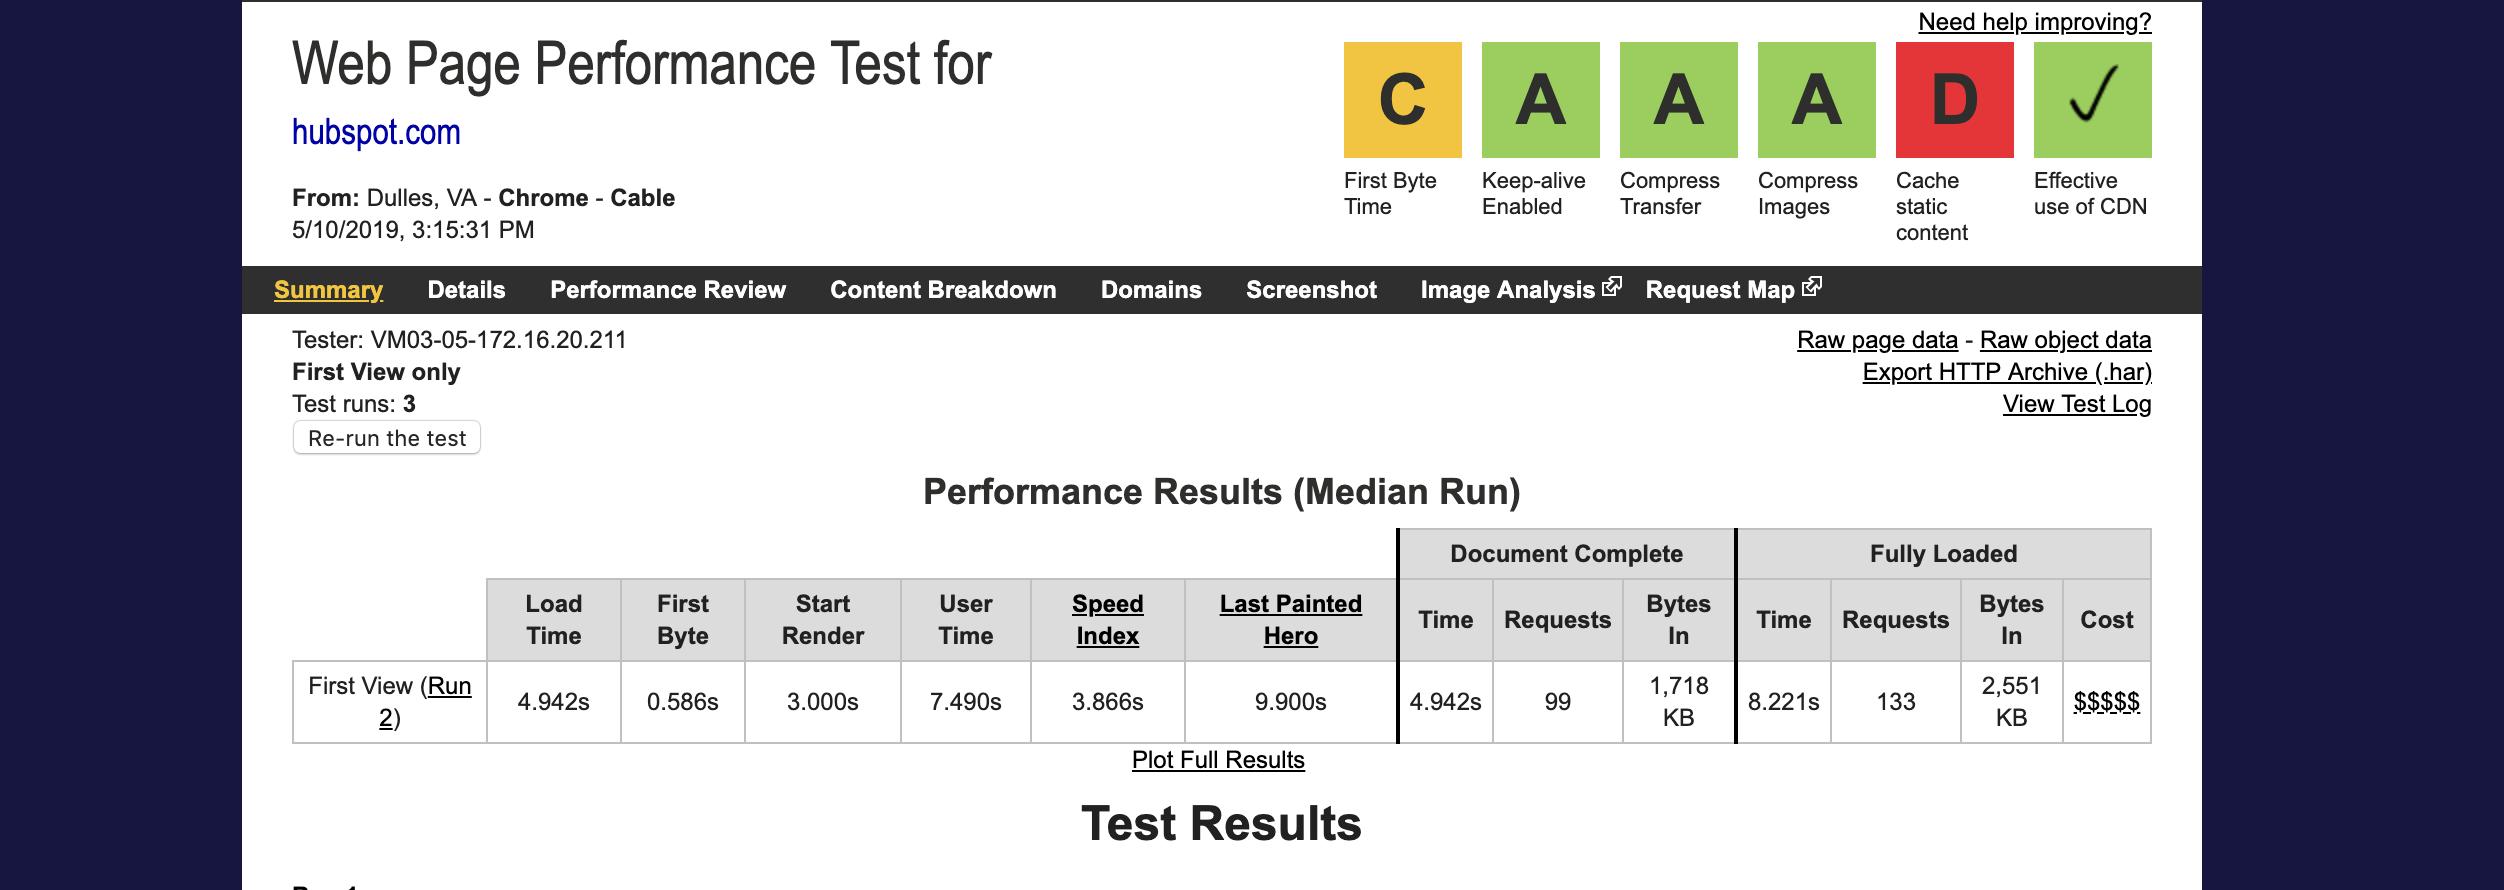 website load speed test - WebPageTest.org